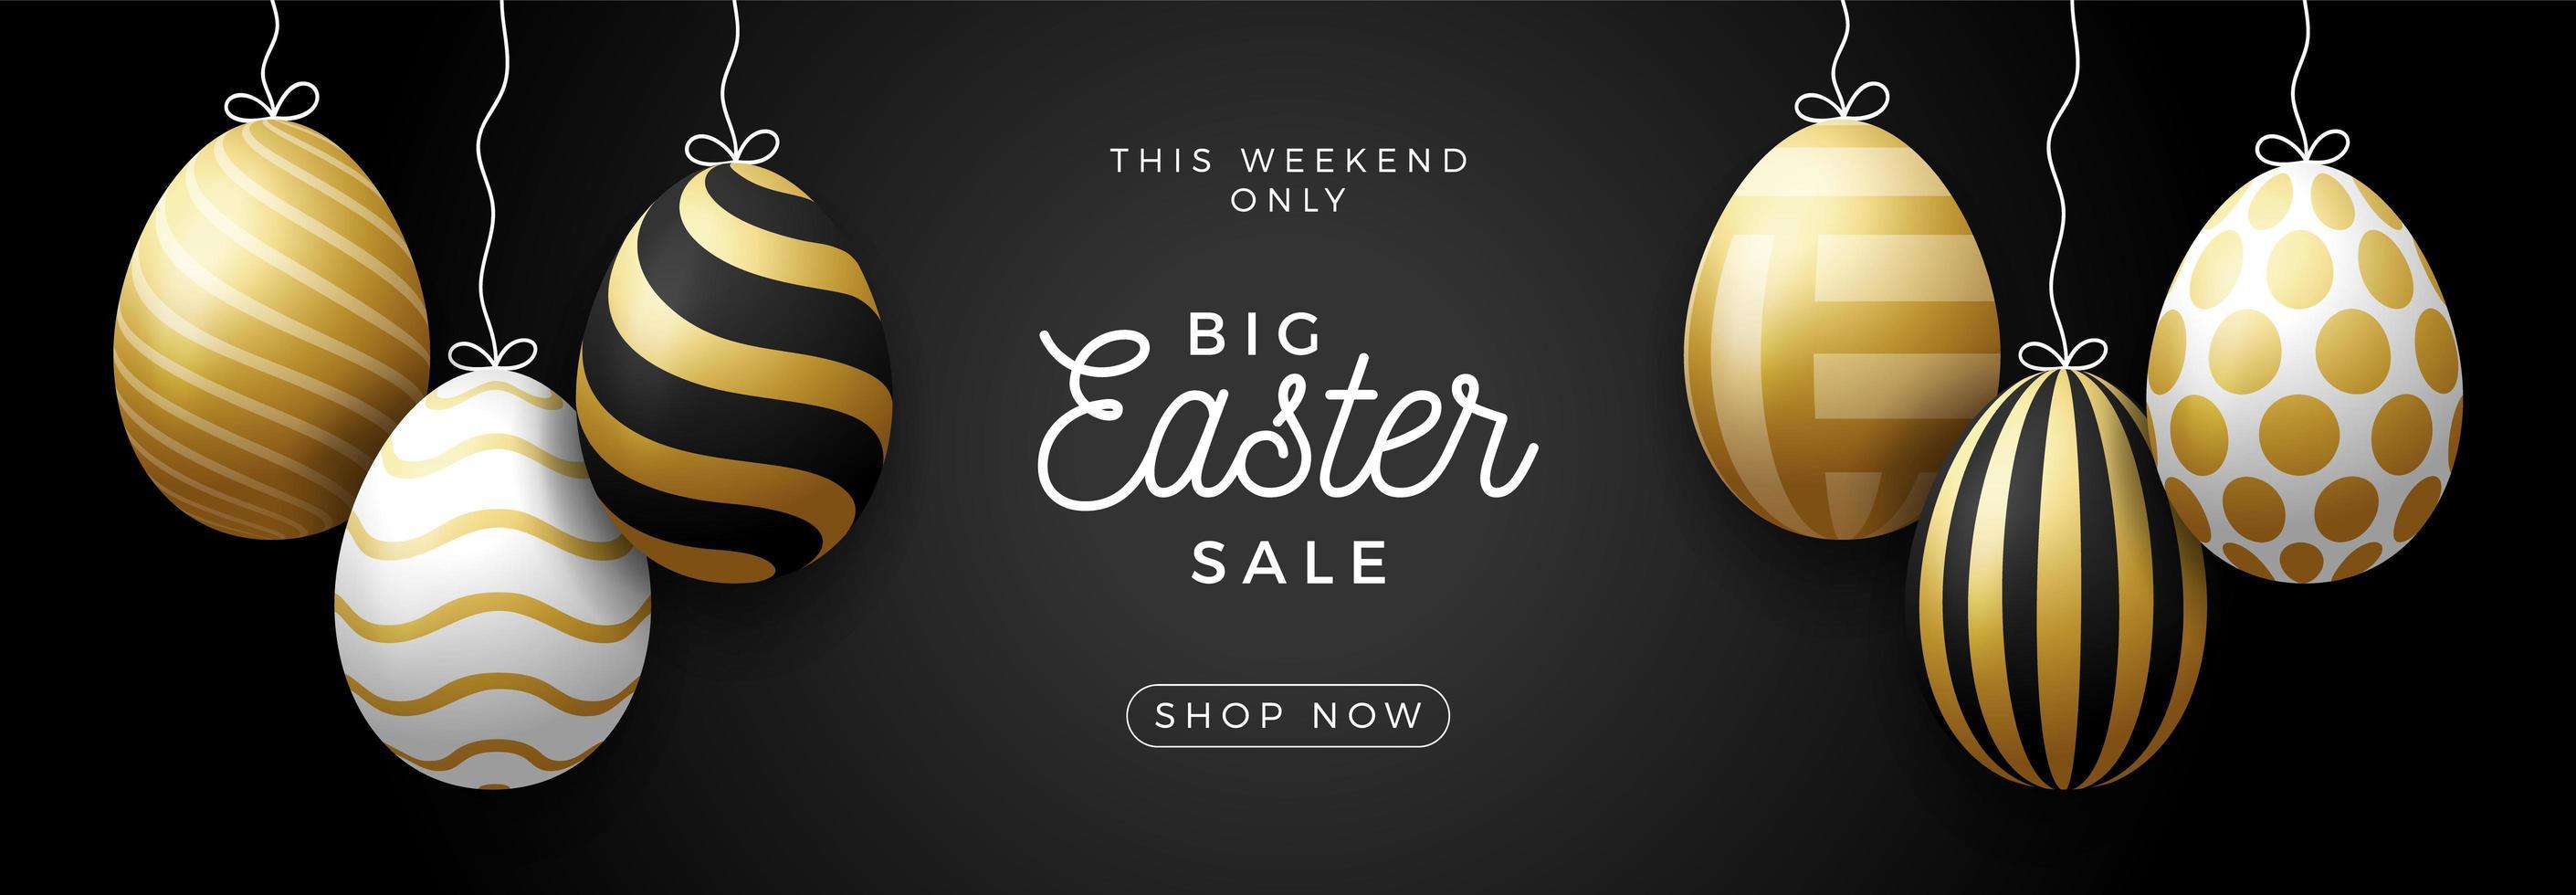 banner orizzontale di vendita di uova di Pasqua di lusso vettore